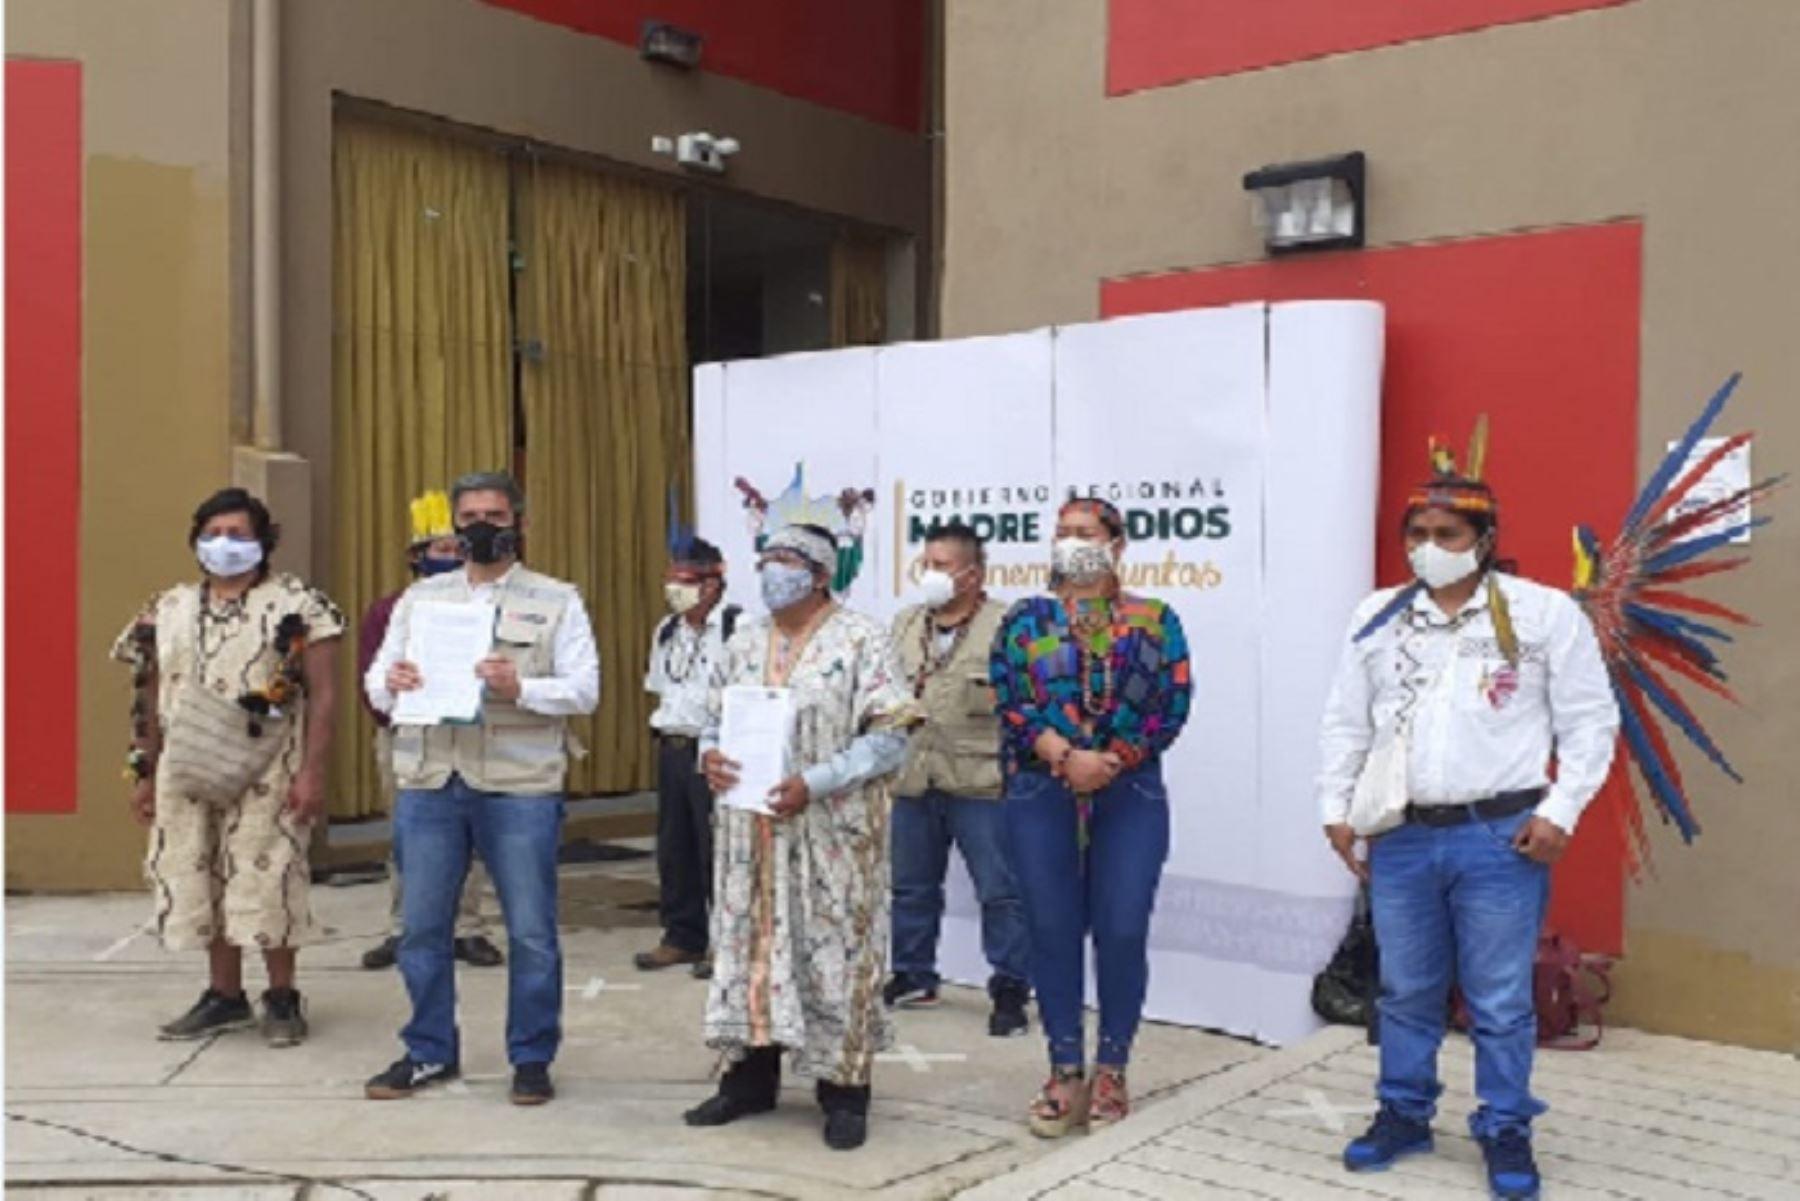 """Neyra precisó que este Comando Covid Indígena se suma a los que ya existen en Loreto y Amazonas. """"Nos llevará a articular mejor el trabajo entre el gobierno central, regional y las organizaciones indígenas, a fin de que las comunidades reciban una atención oportuna en el contexto de la pandemia"""", dijo."""